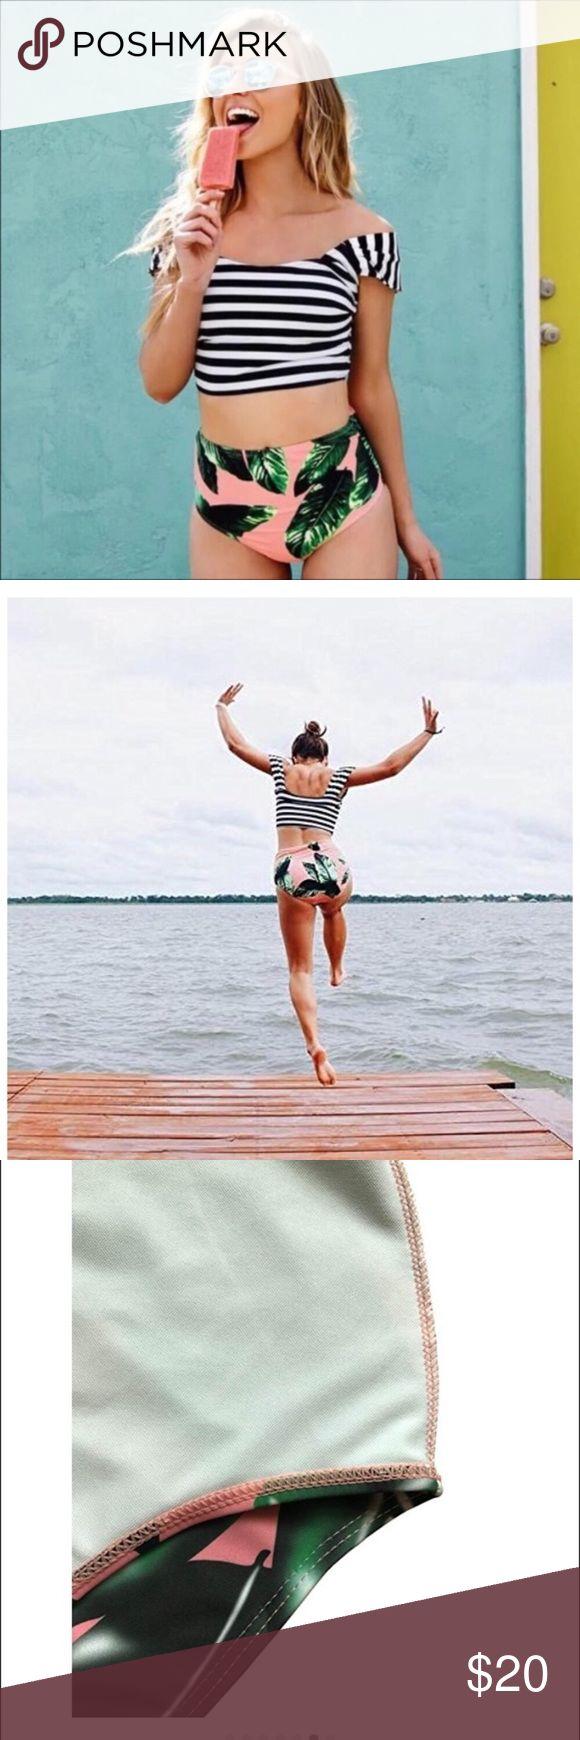 Palm Bikini 👙 BUNDLE ITEM 👙 Super cute and perfect for ...